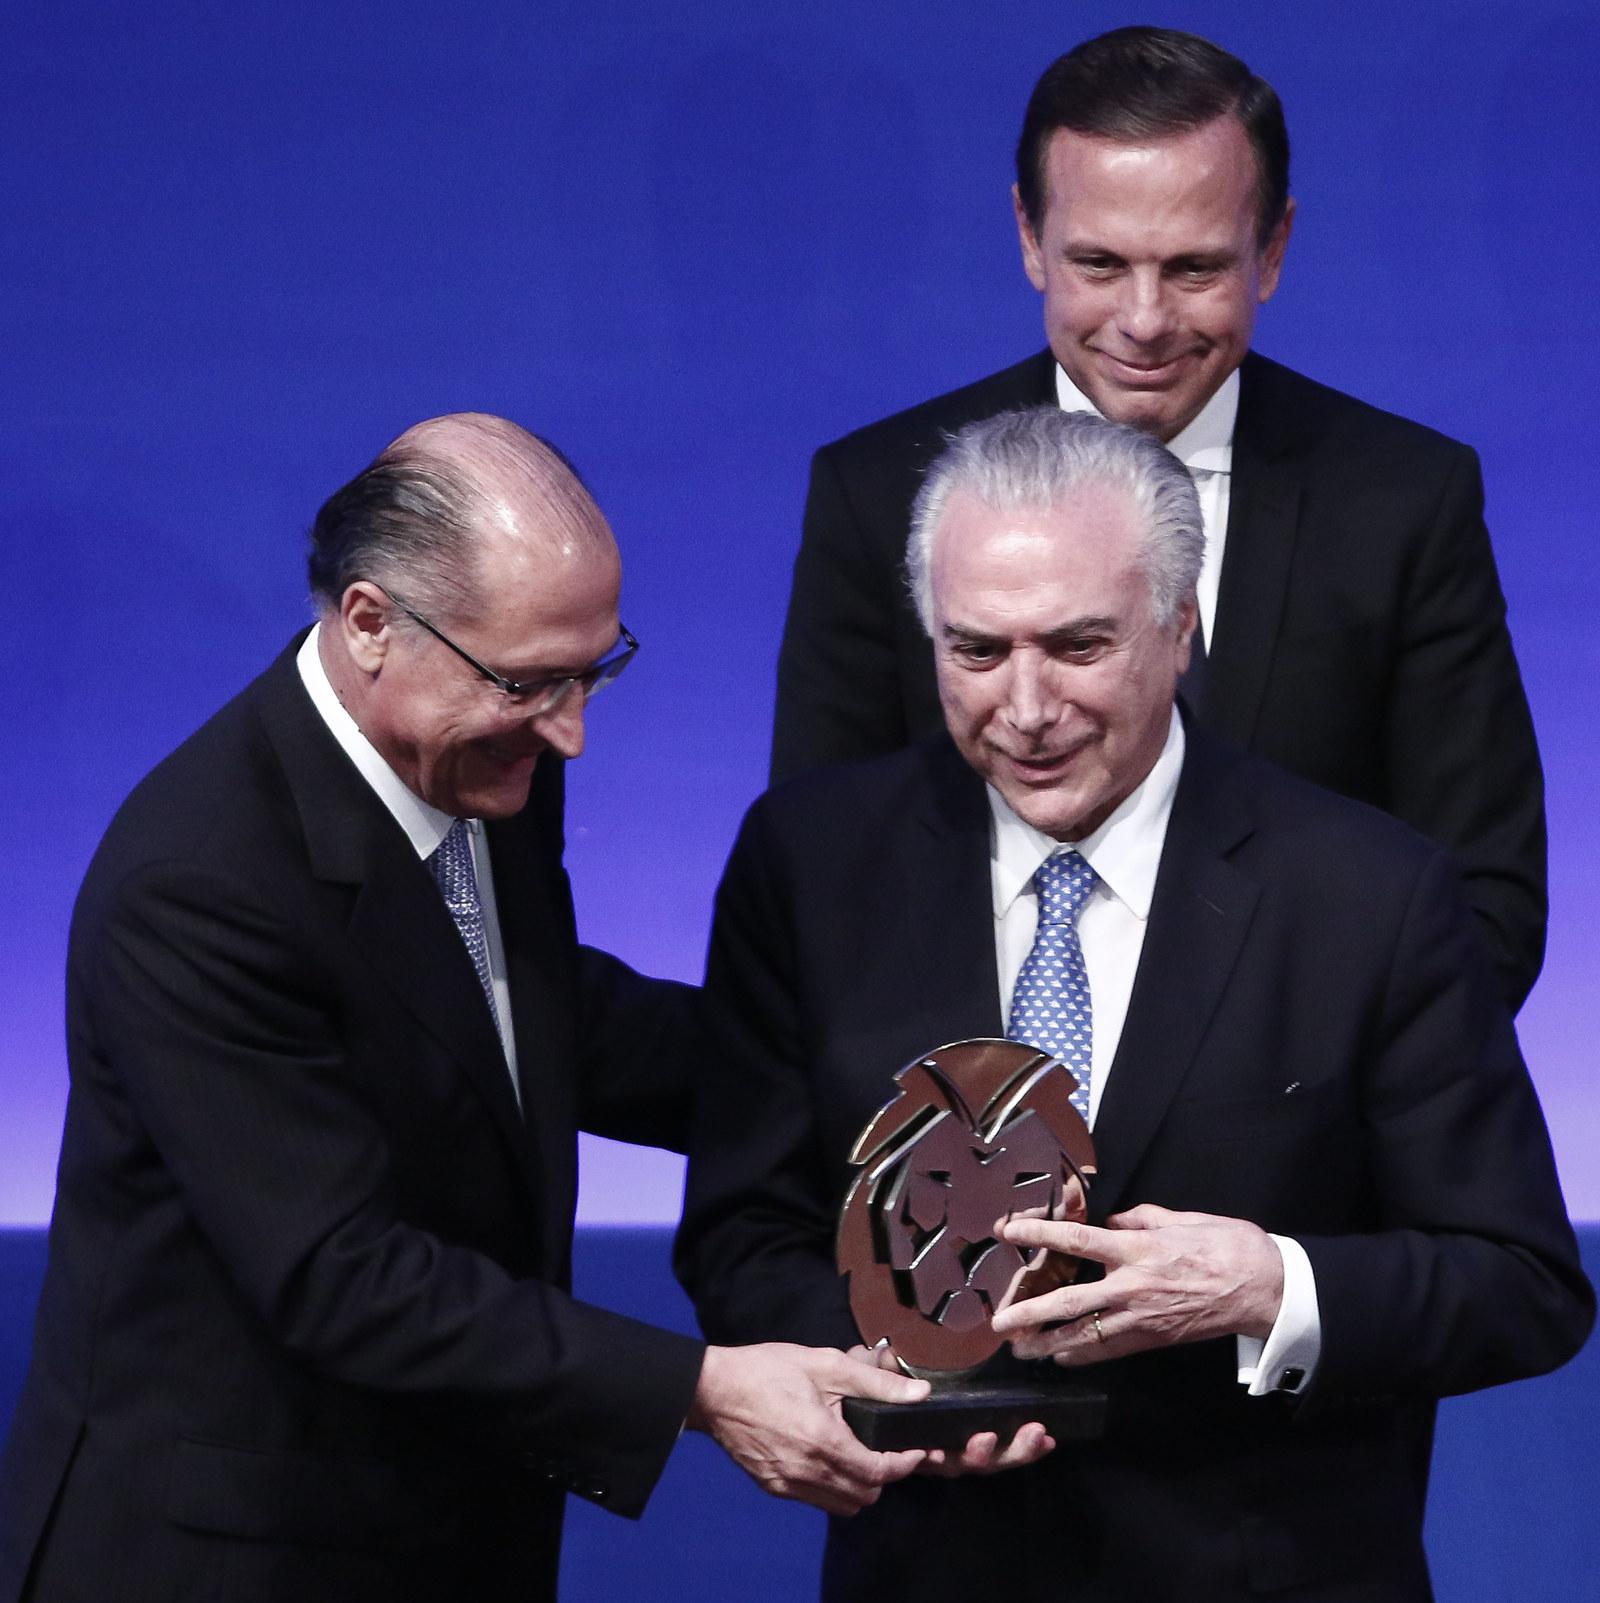 Doria participa de evento do Lide, comandado por ele, em dezembro de 2016, no Palácio dos Bandeirantes. O presidente da República, Michel Temer (MDB), foi o principal homenageado.